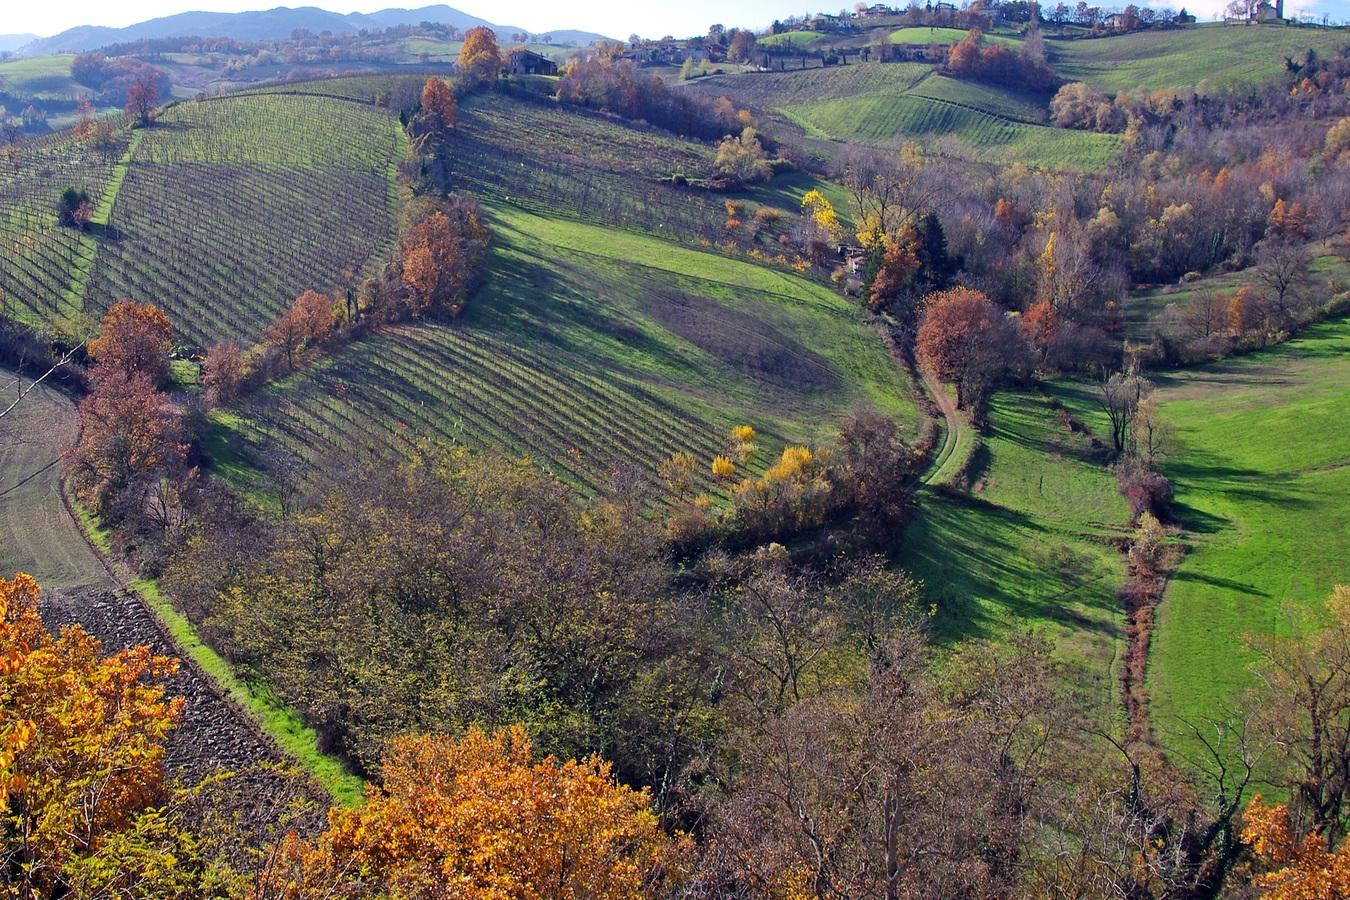 Ancient farming techniques could help mitigate climate change